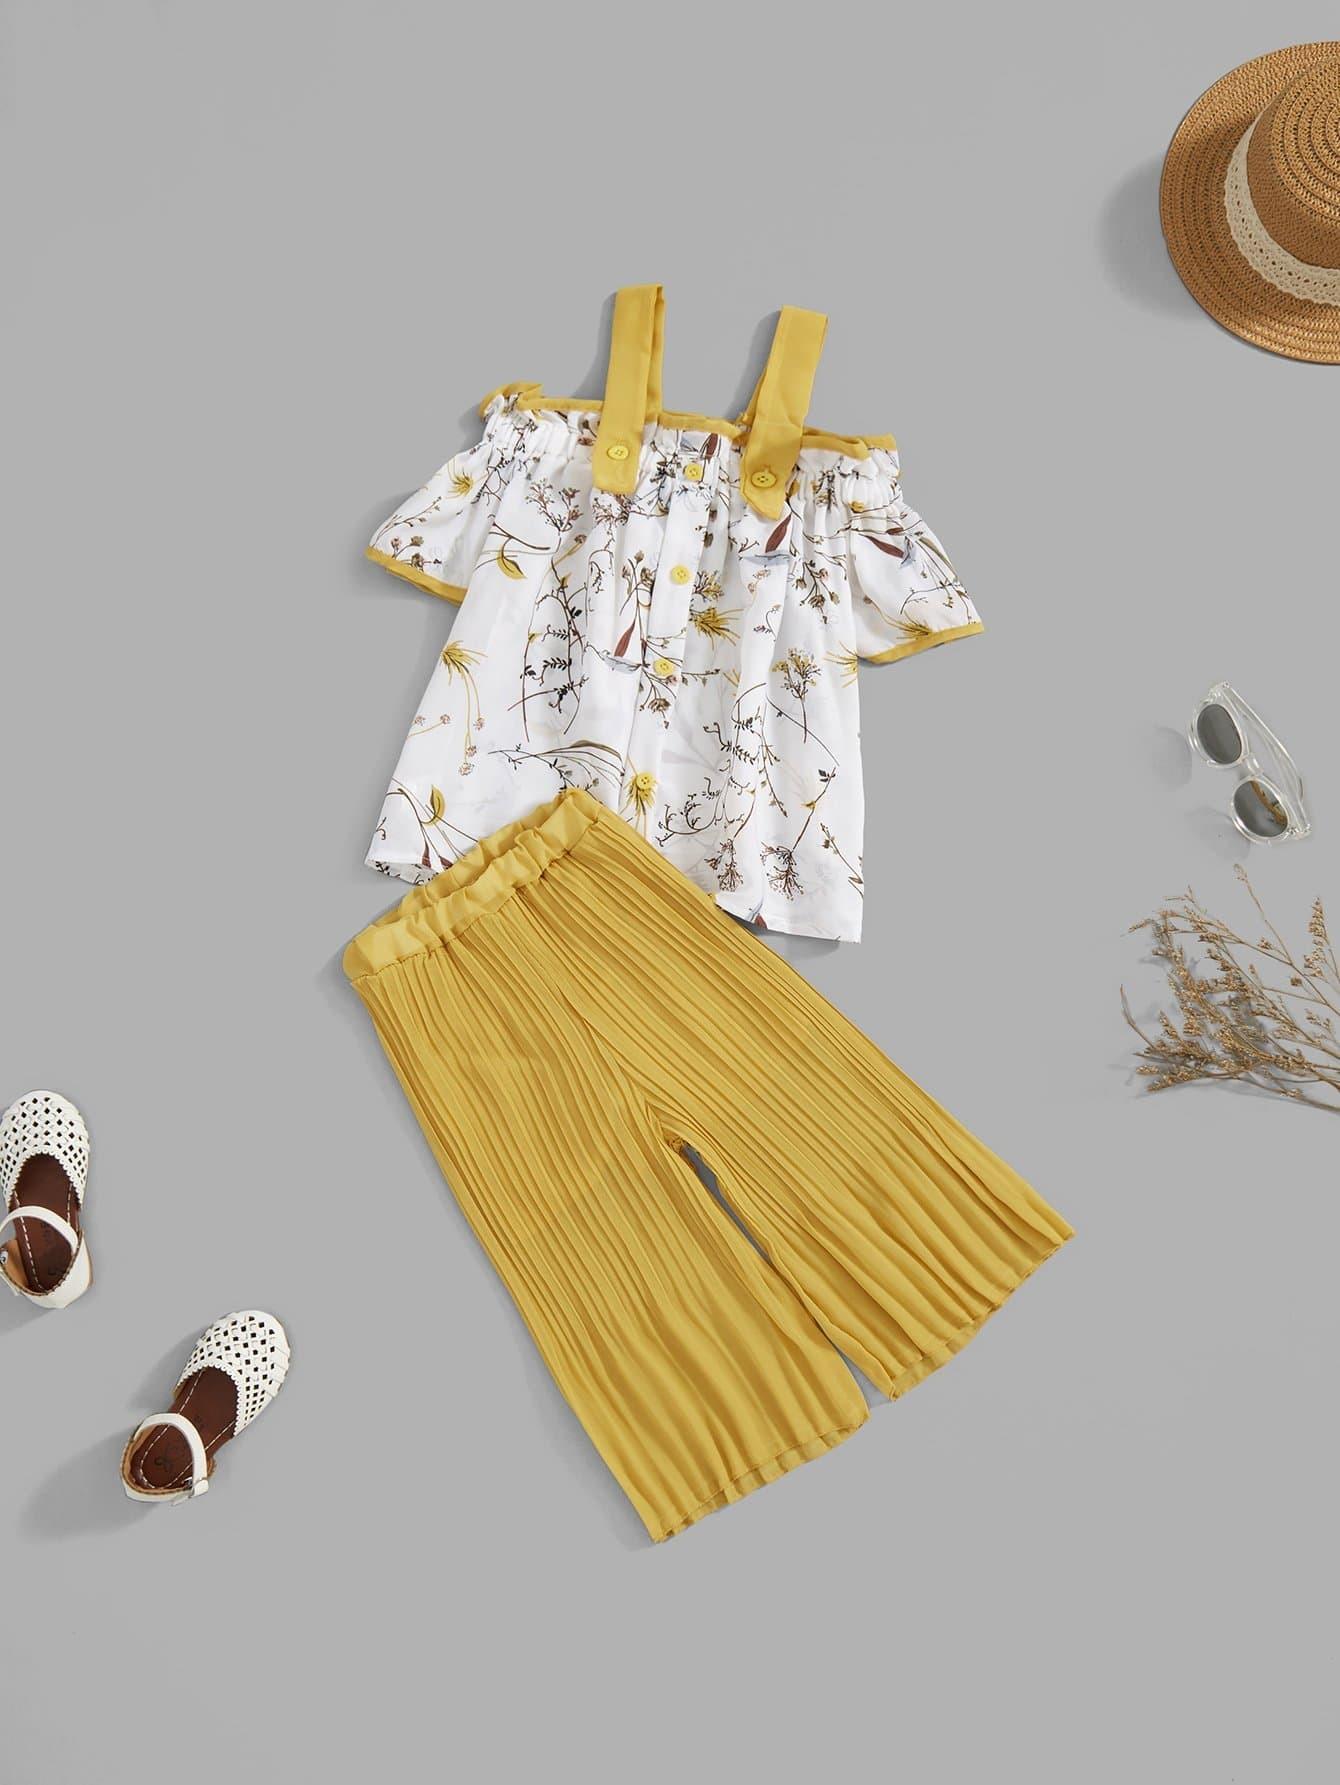 Купить Ситцевая блузка и широкие ножные штаны для девочки, null, SheIn